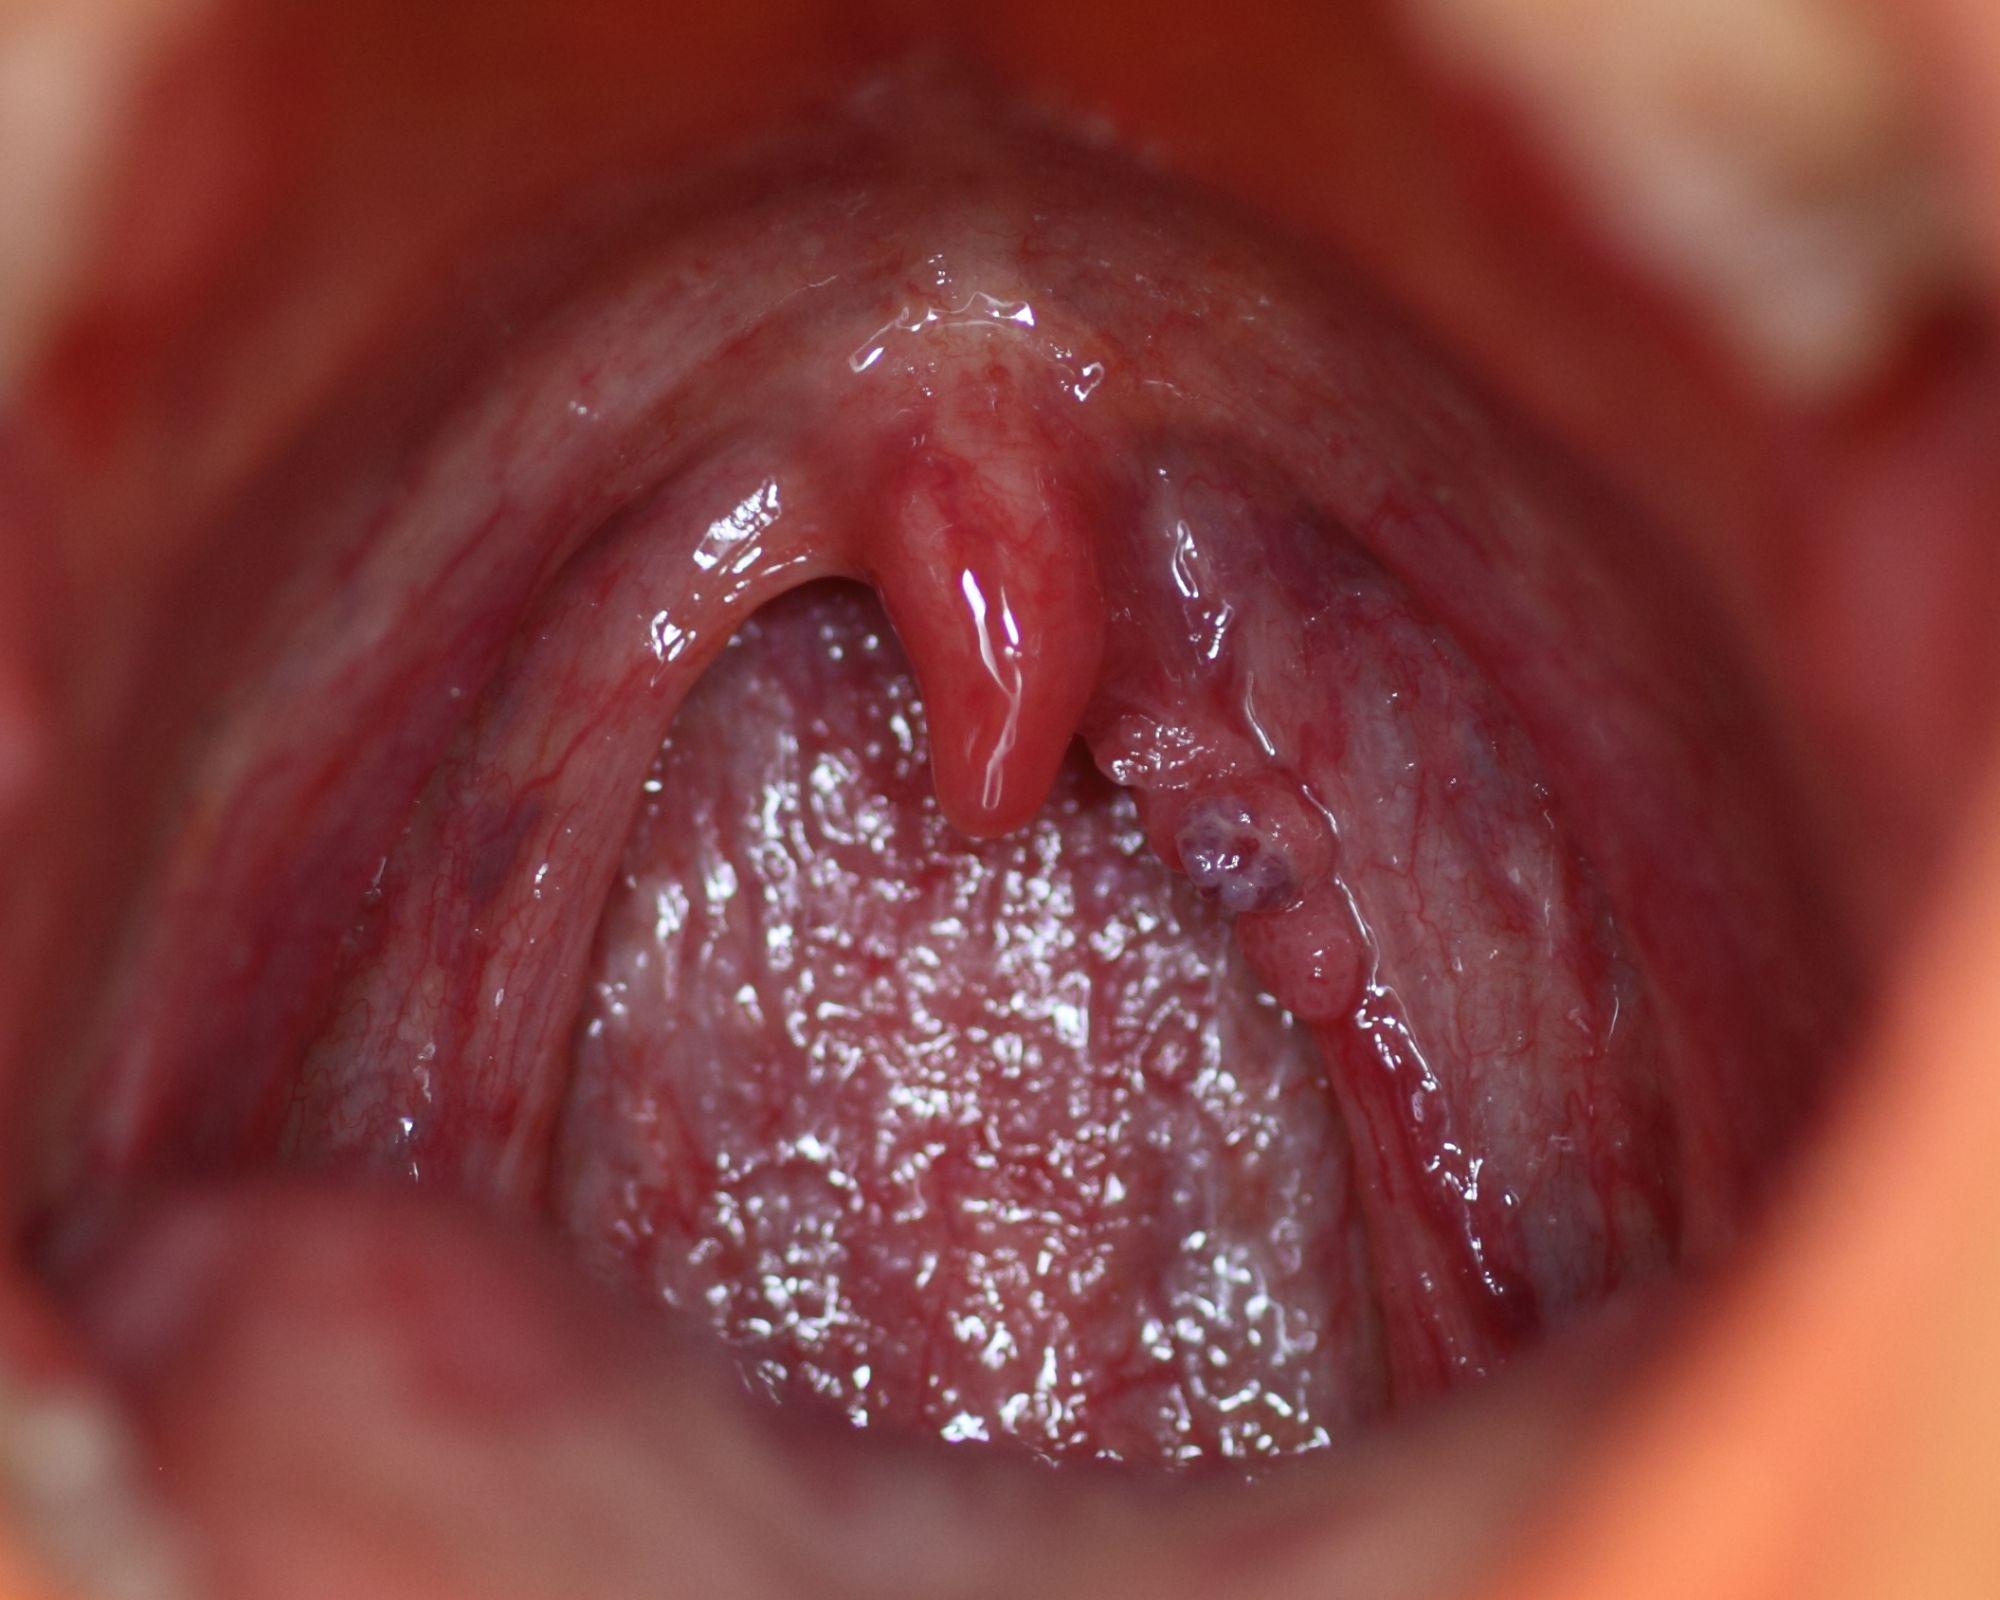 L papillomavirus symptome, Tot ce trebuie sa stii despre HPV: Simptome & Tratament